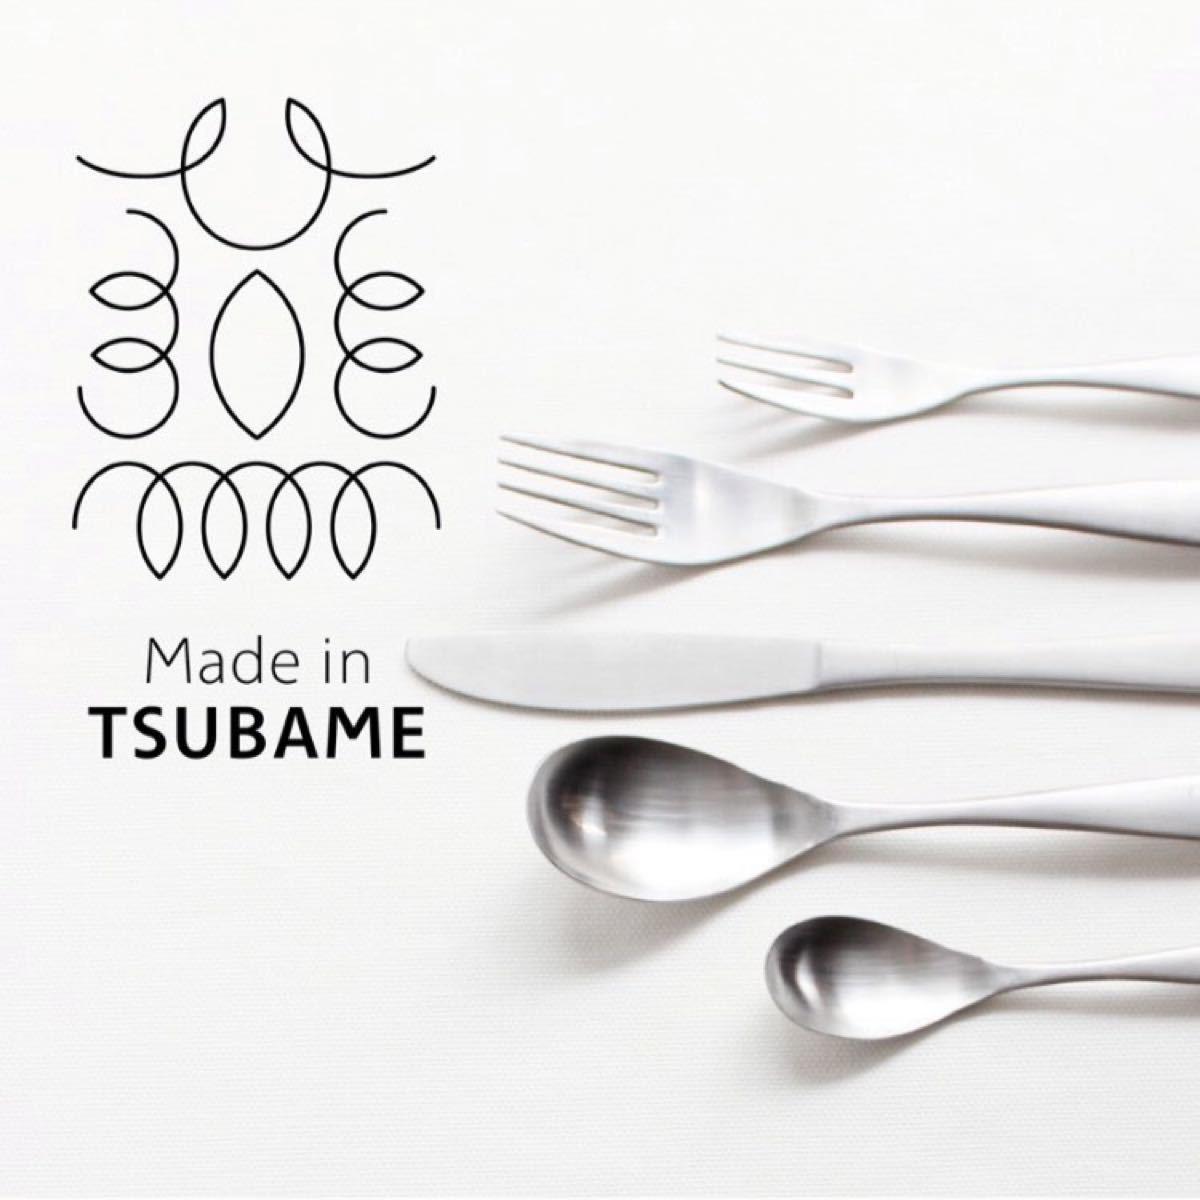 ツバメカトラリー 6本セット フォーク大&ナイフ&スプーン大 新品未使用 Madein TSUBAME 燕